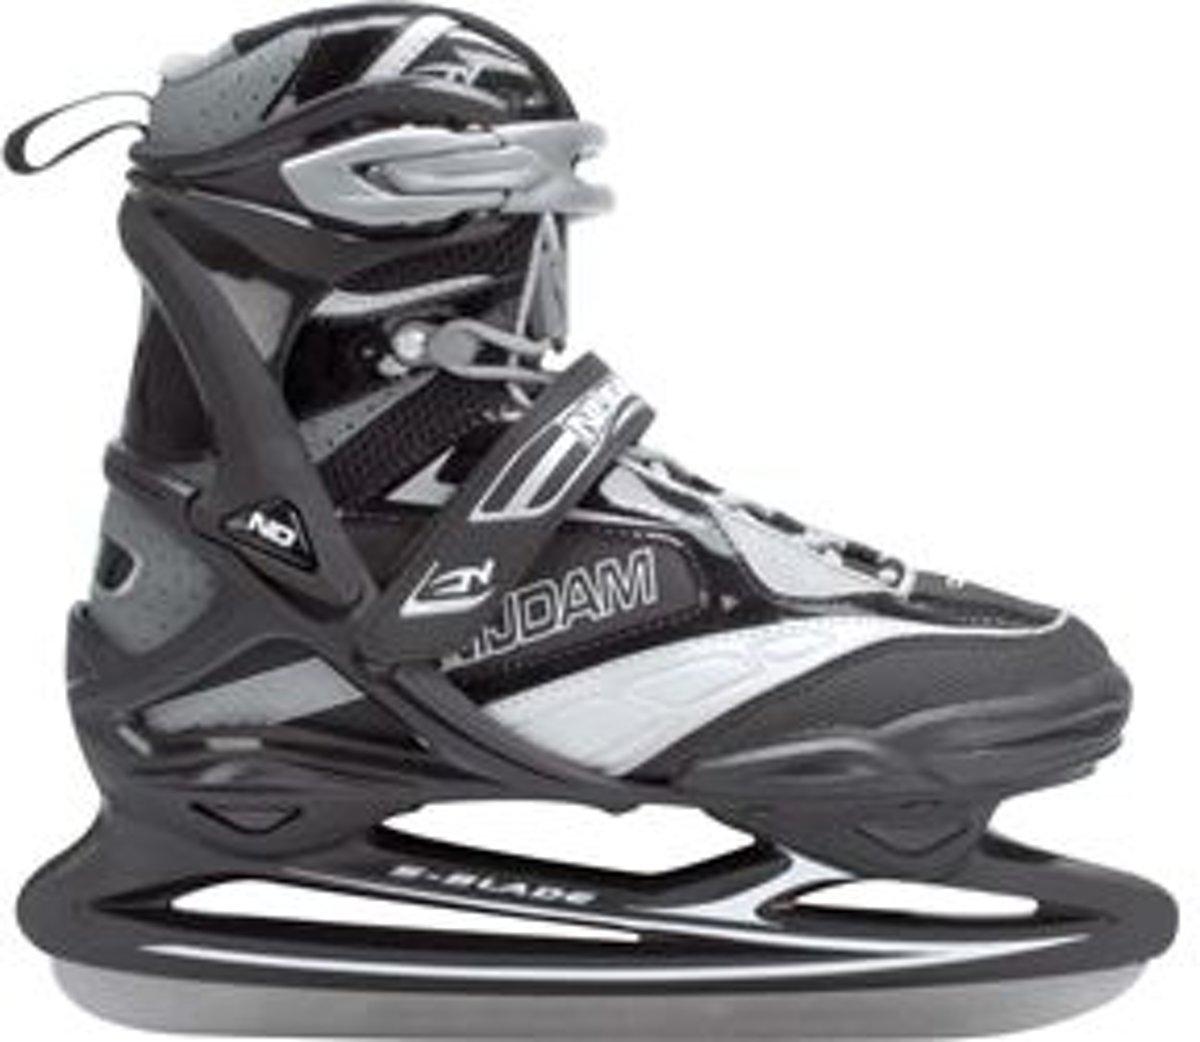 Nijdam 0108 Pro Line IJshockeyschaats - Schaatsen - Mannen - Zwart - Maat 45